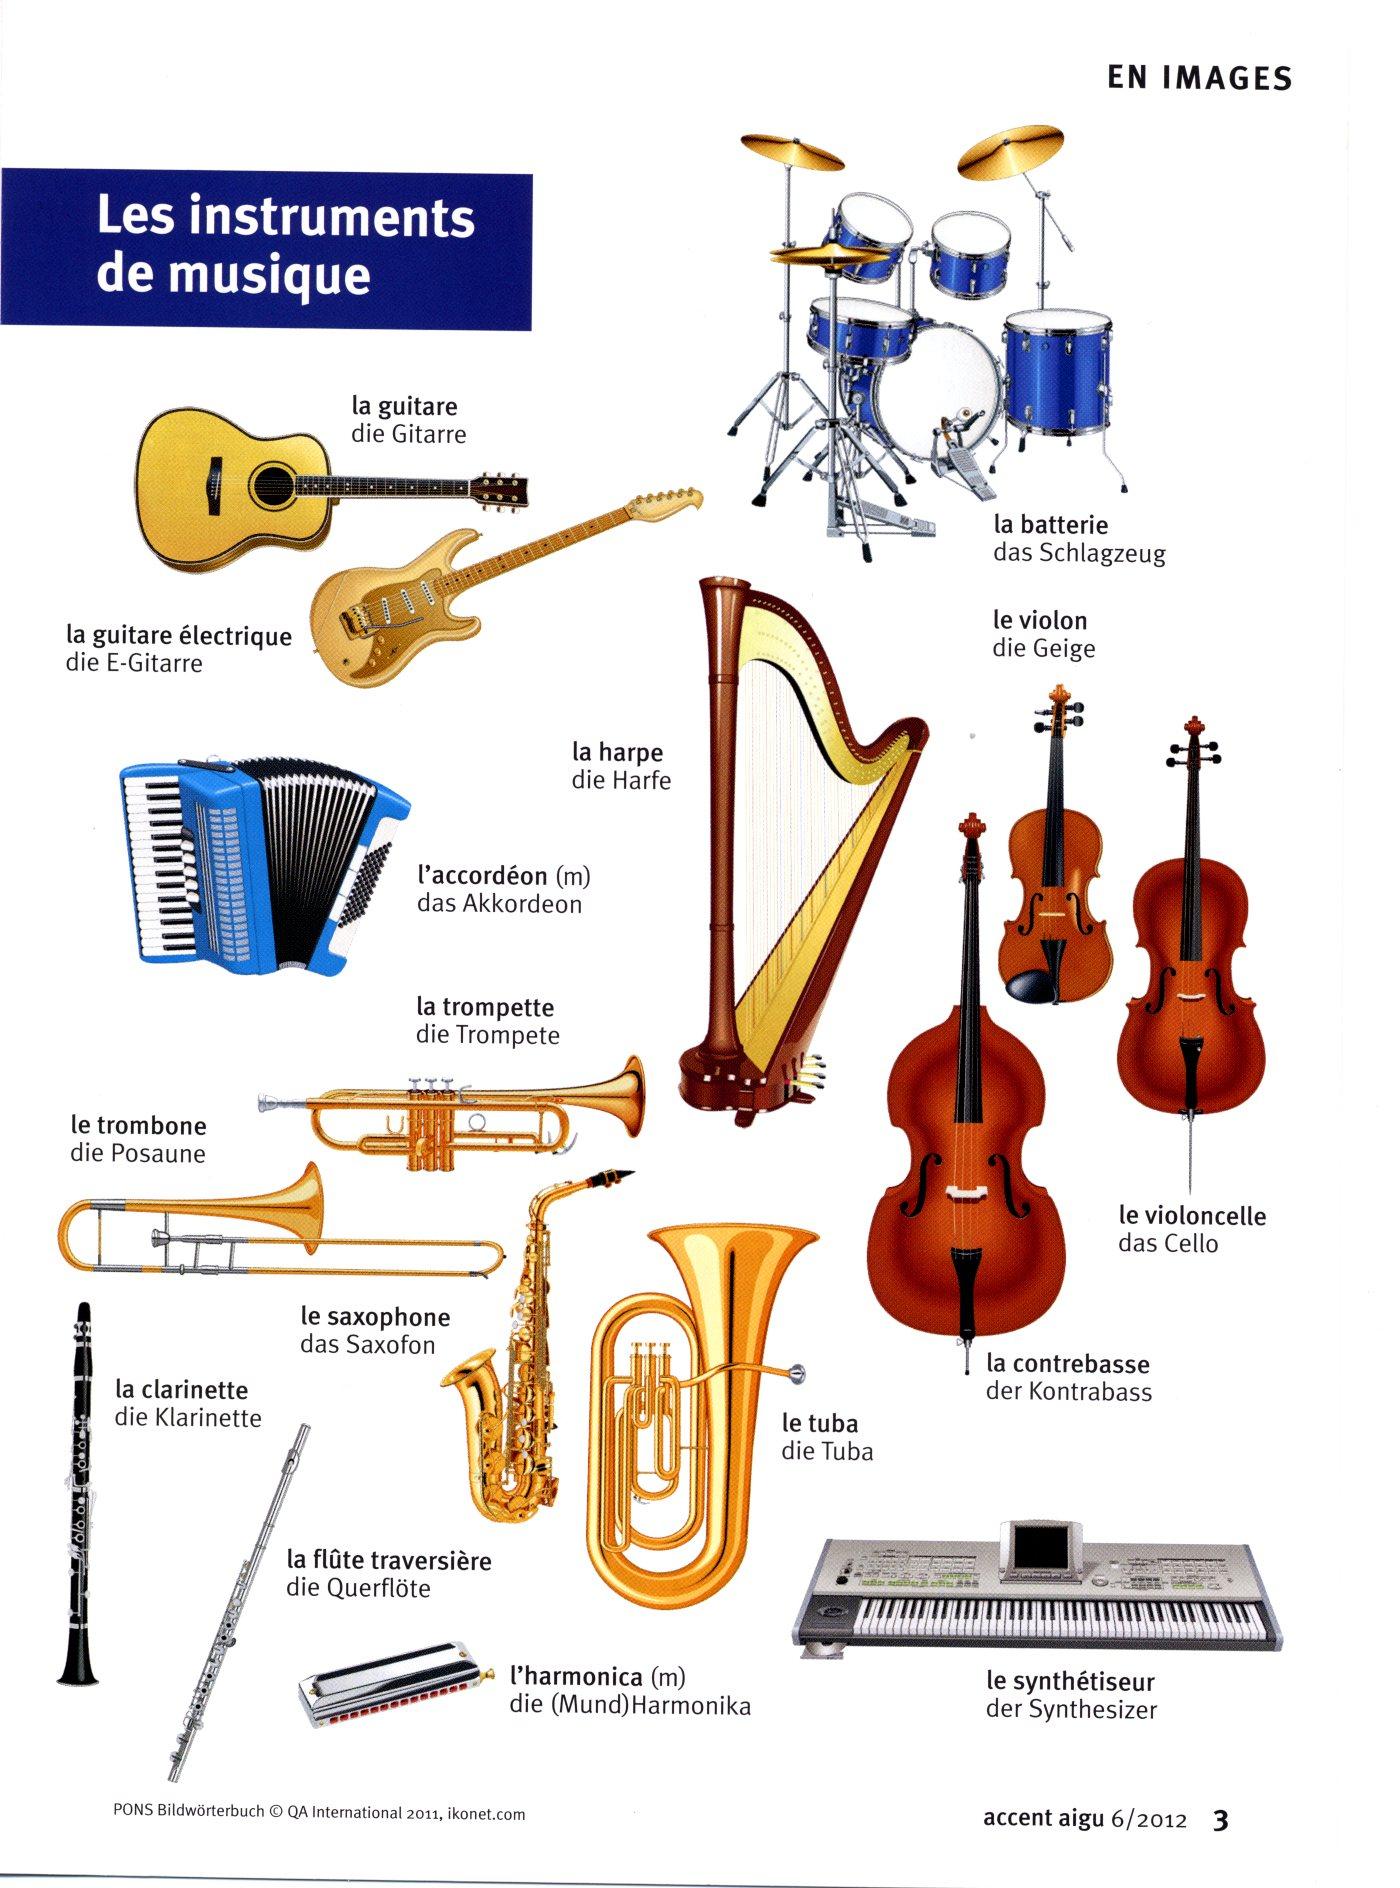 47 Meilleures Images Du Tableau Instruments | Musique intérieur Jeu Des Instruments De Musique